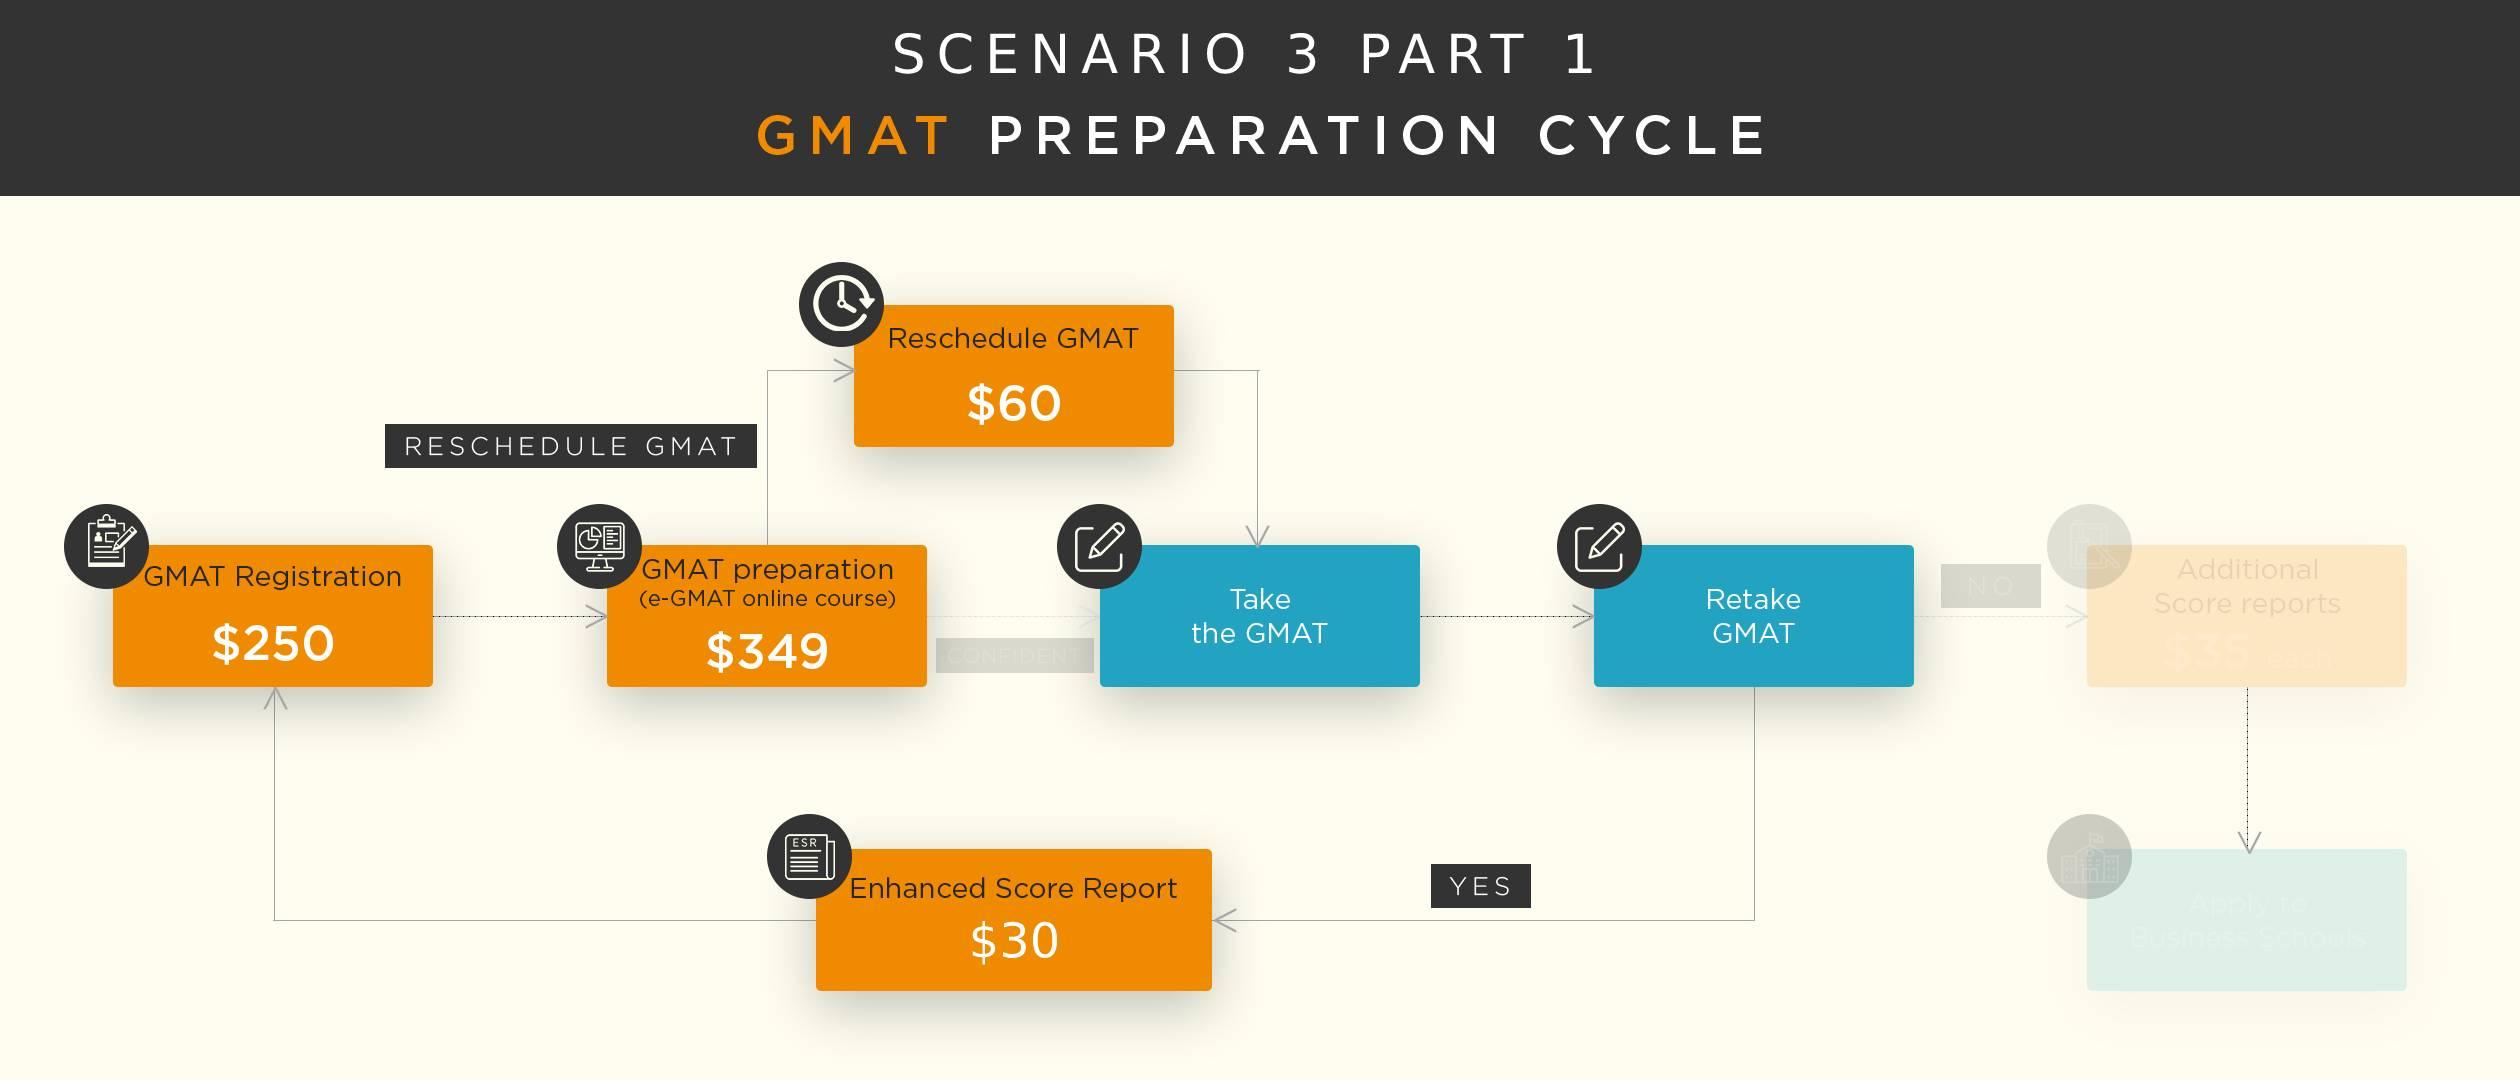 gmat-fees-preparation-cycle-3